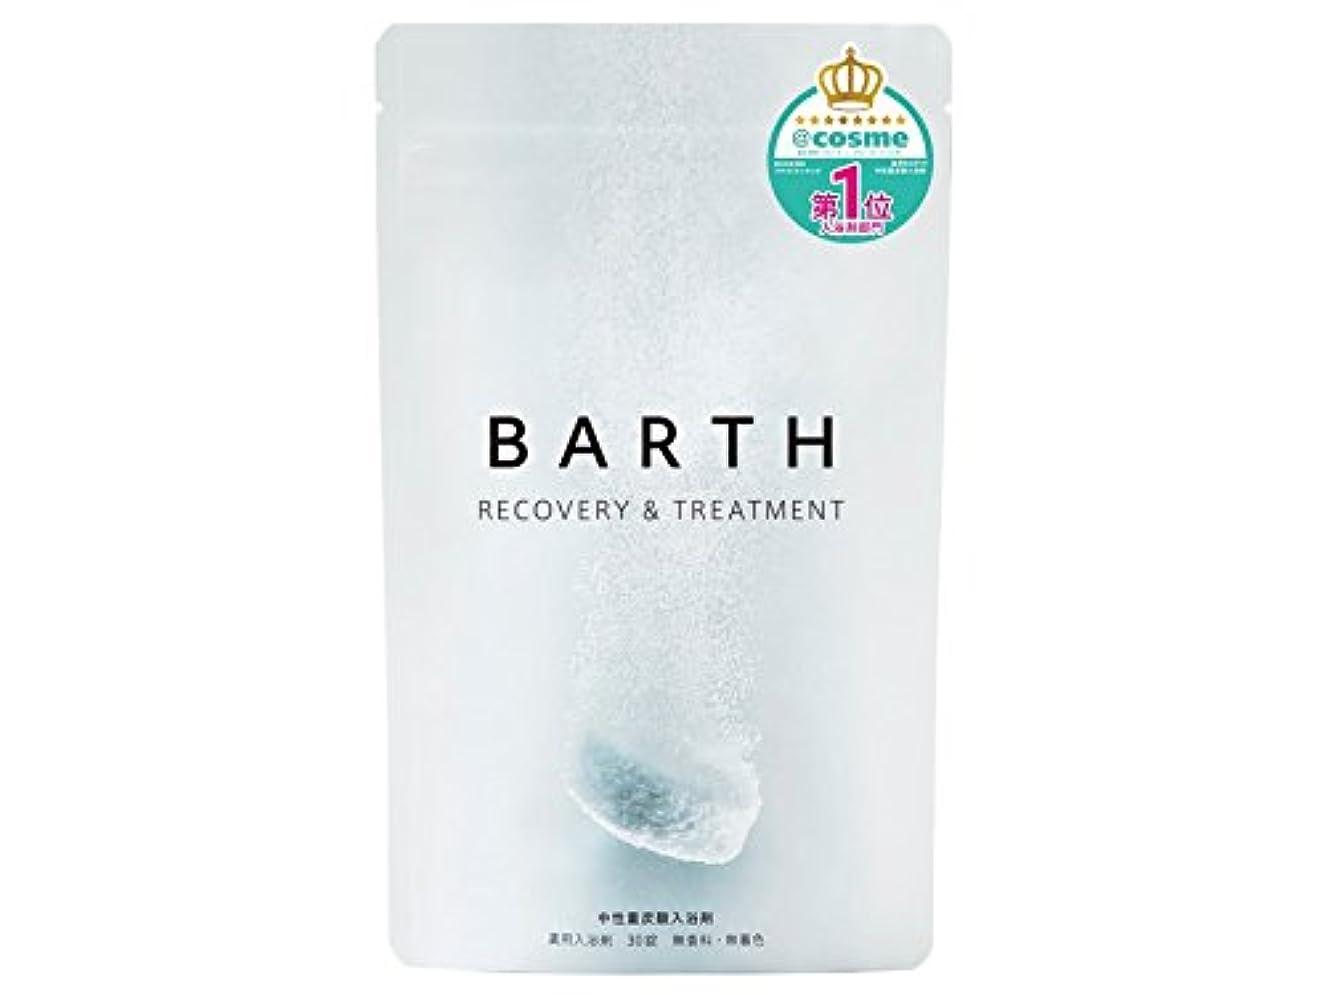 おとうさんヨーロッパ取得するBARTH【バース】入浴剤 中性 重炭酸 30錠入り (炭酸泉 無香料 保湿 発汗)